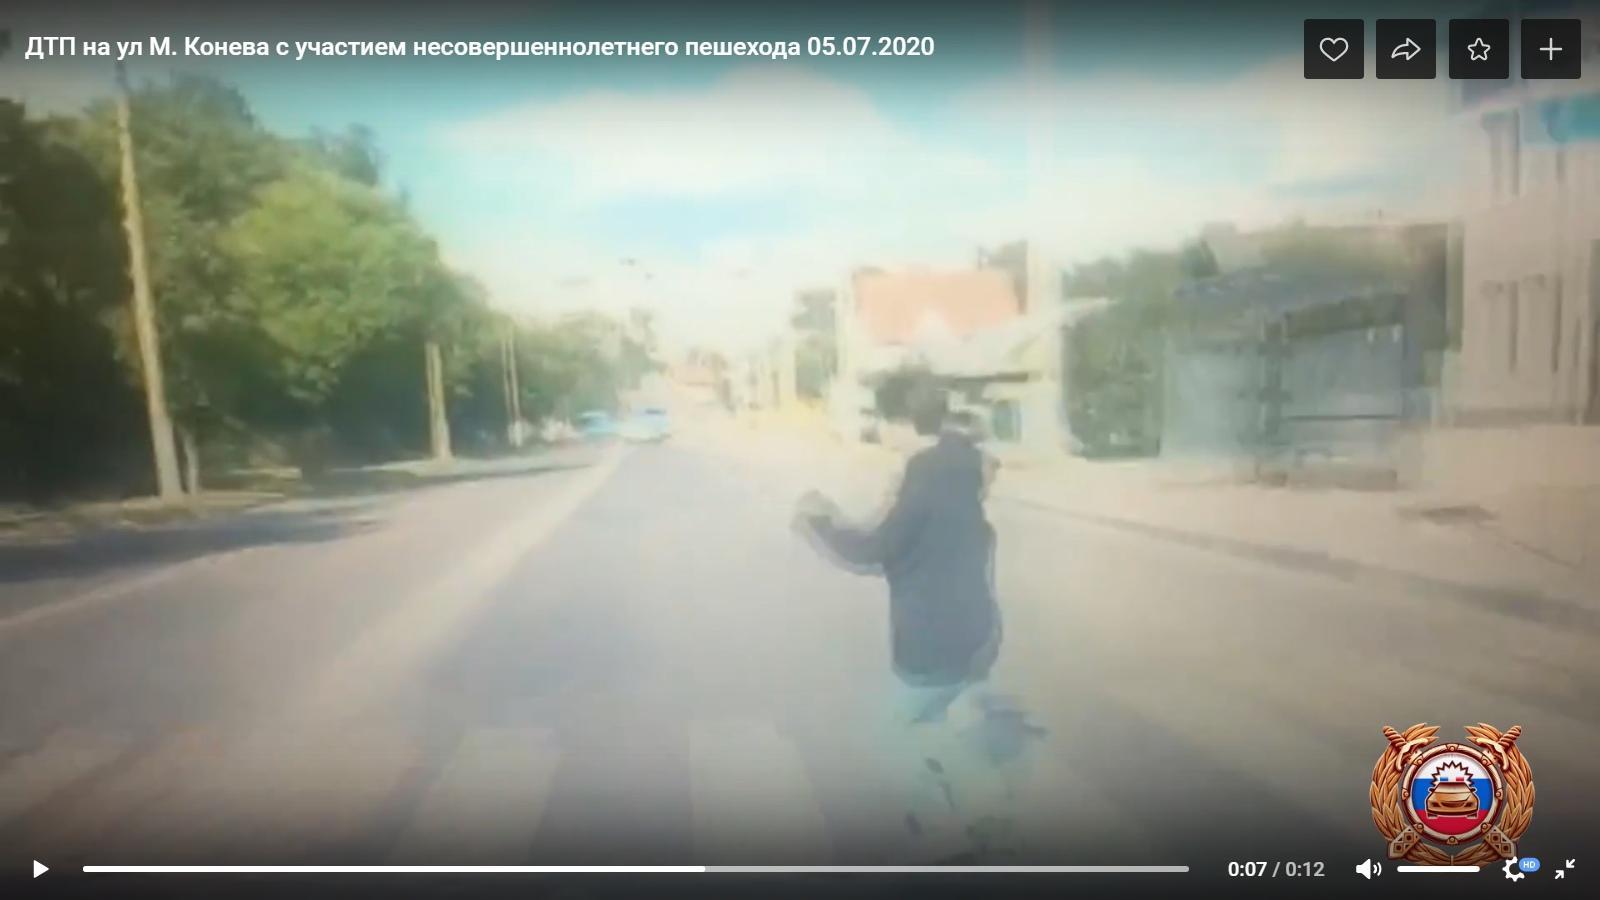 Момент наезда автомобиля на 13-летнюю девочку попал на видео в Твери